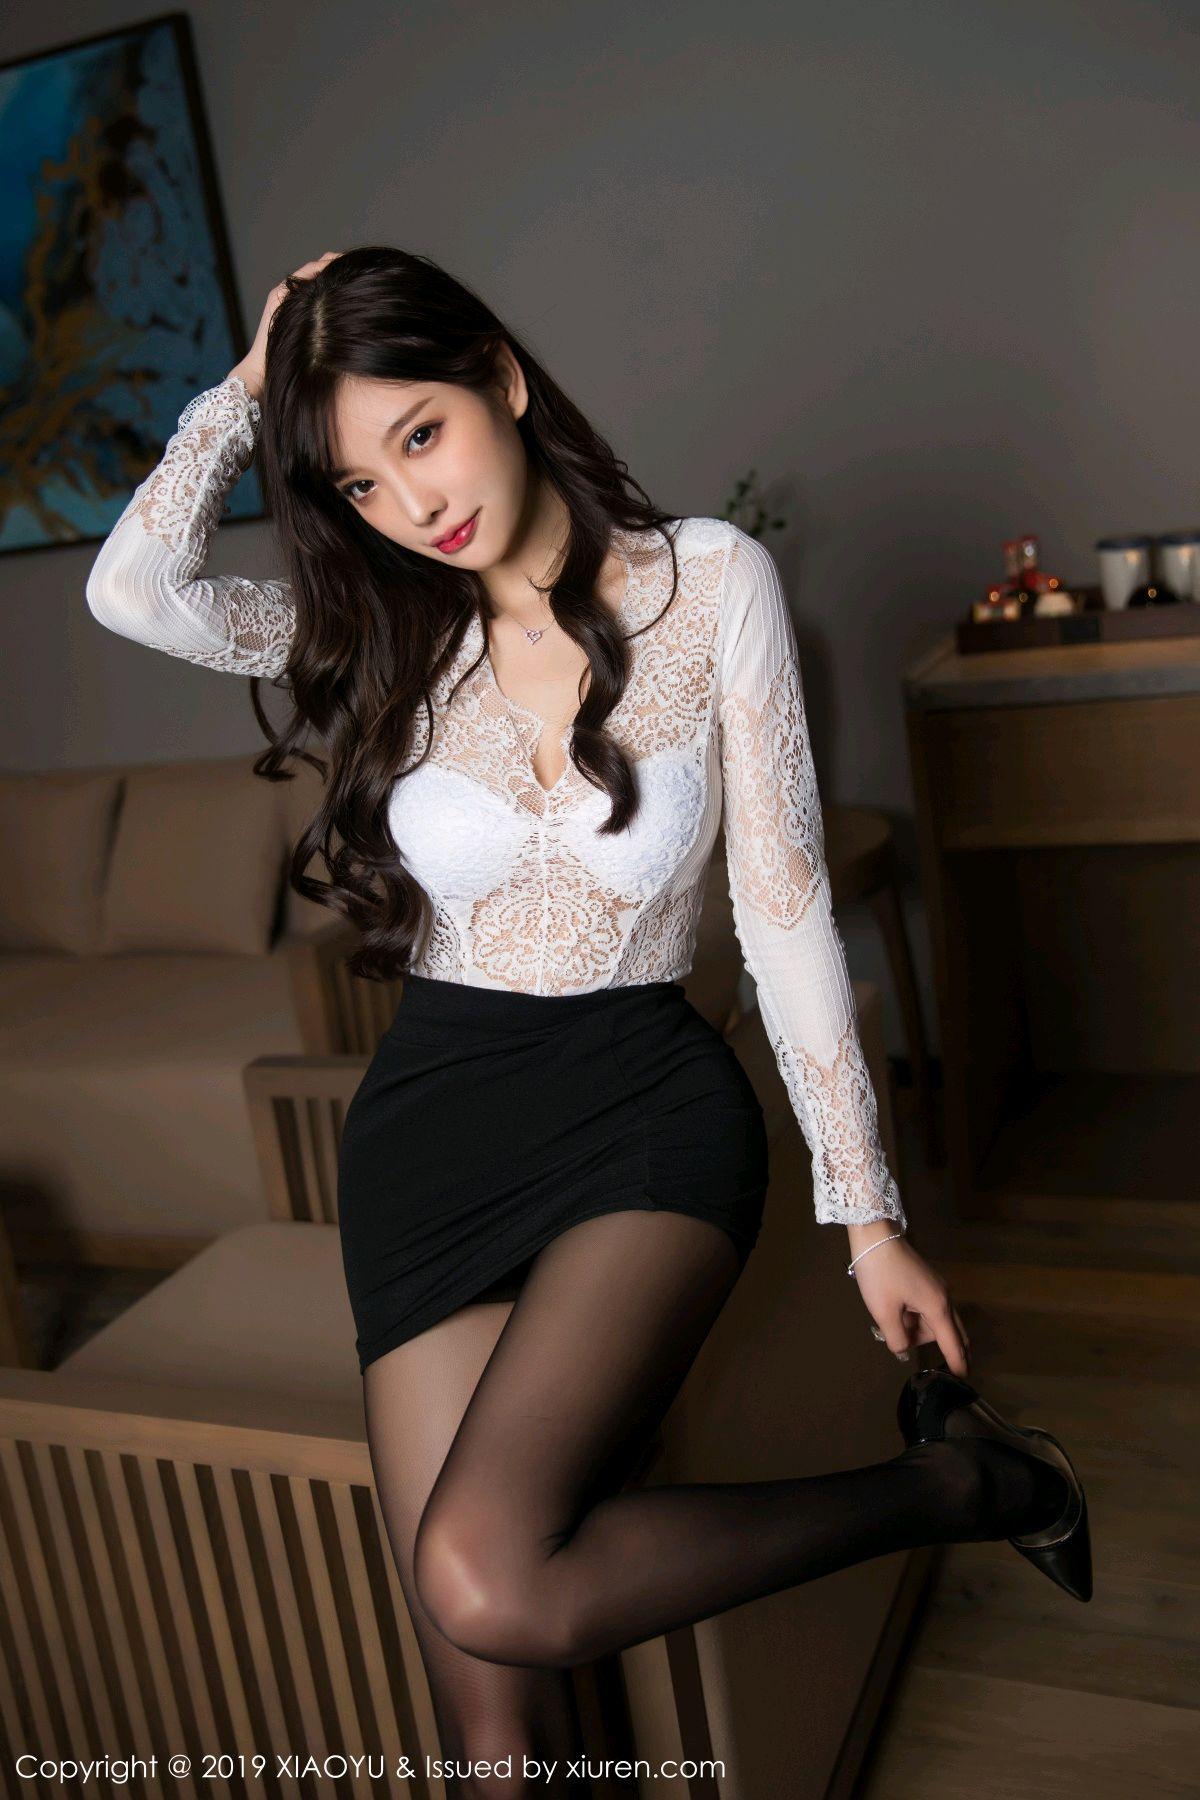 [XiaoYu] Vol.048 Yang Chen Chen 2P, Black Silk, Tall, XiaoYu, Yang Chen Chen